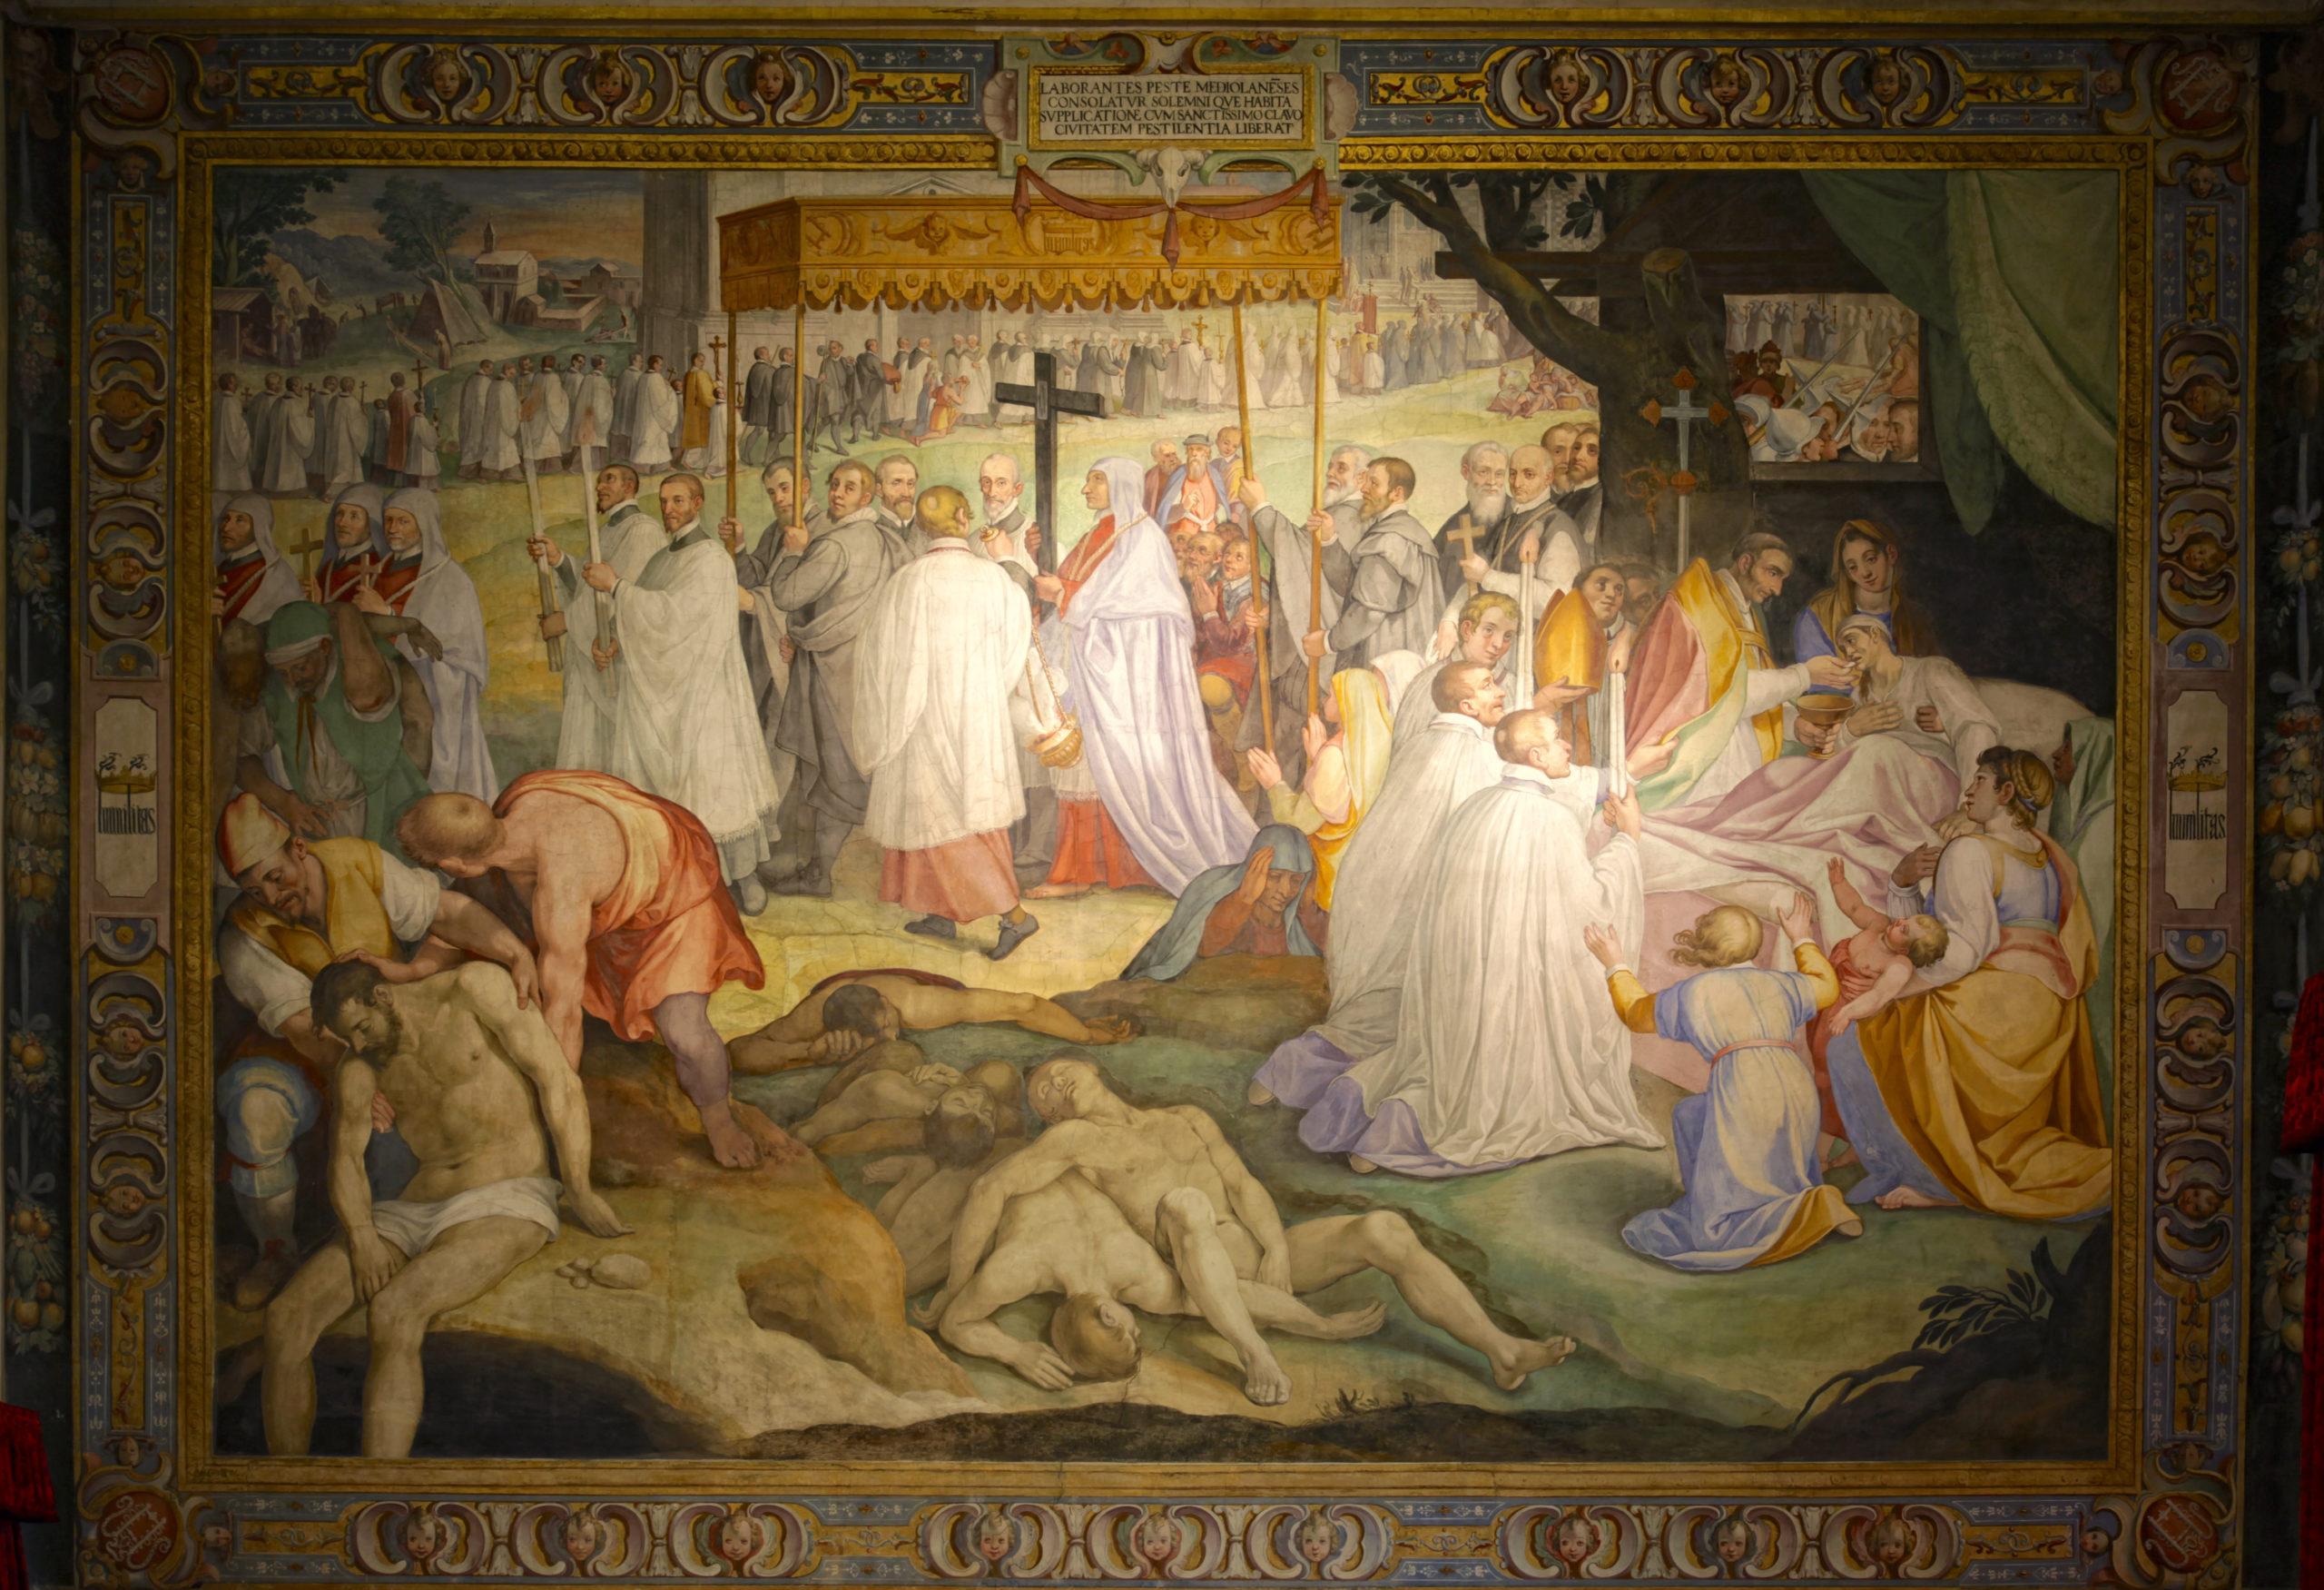 Cesare Nebbia, Charles Borromée durant la Peste de Milan de 1576, 1603-1604, fresque, Pavia, Collège Borromée.